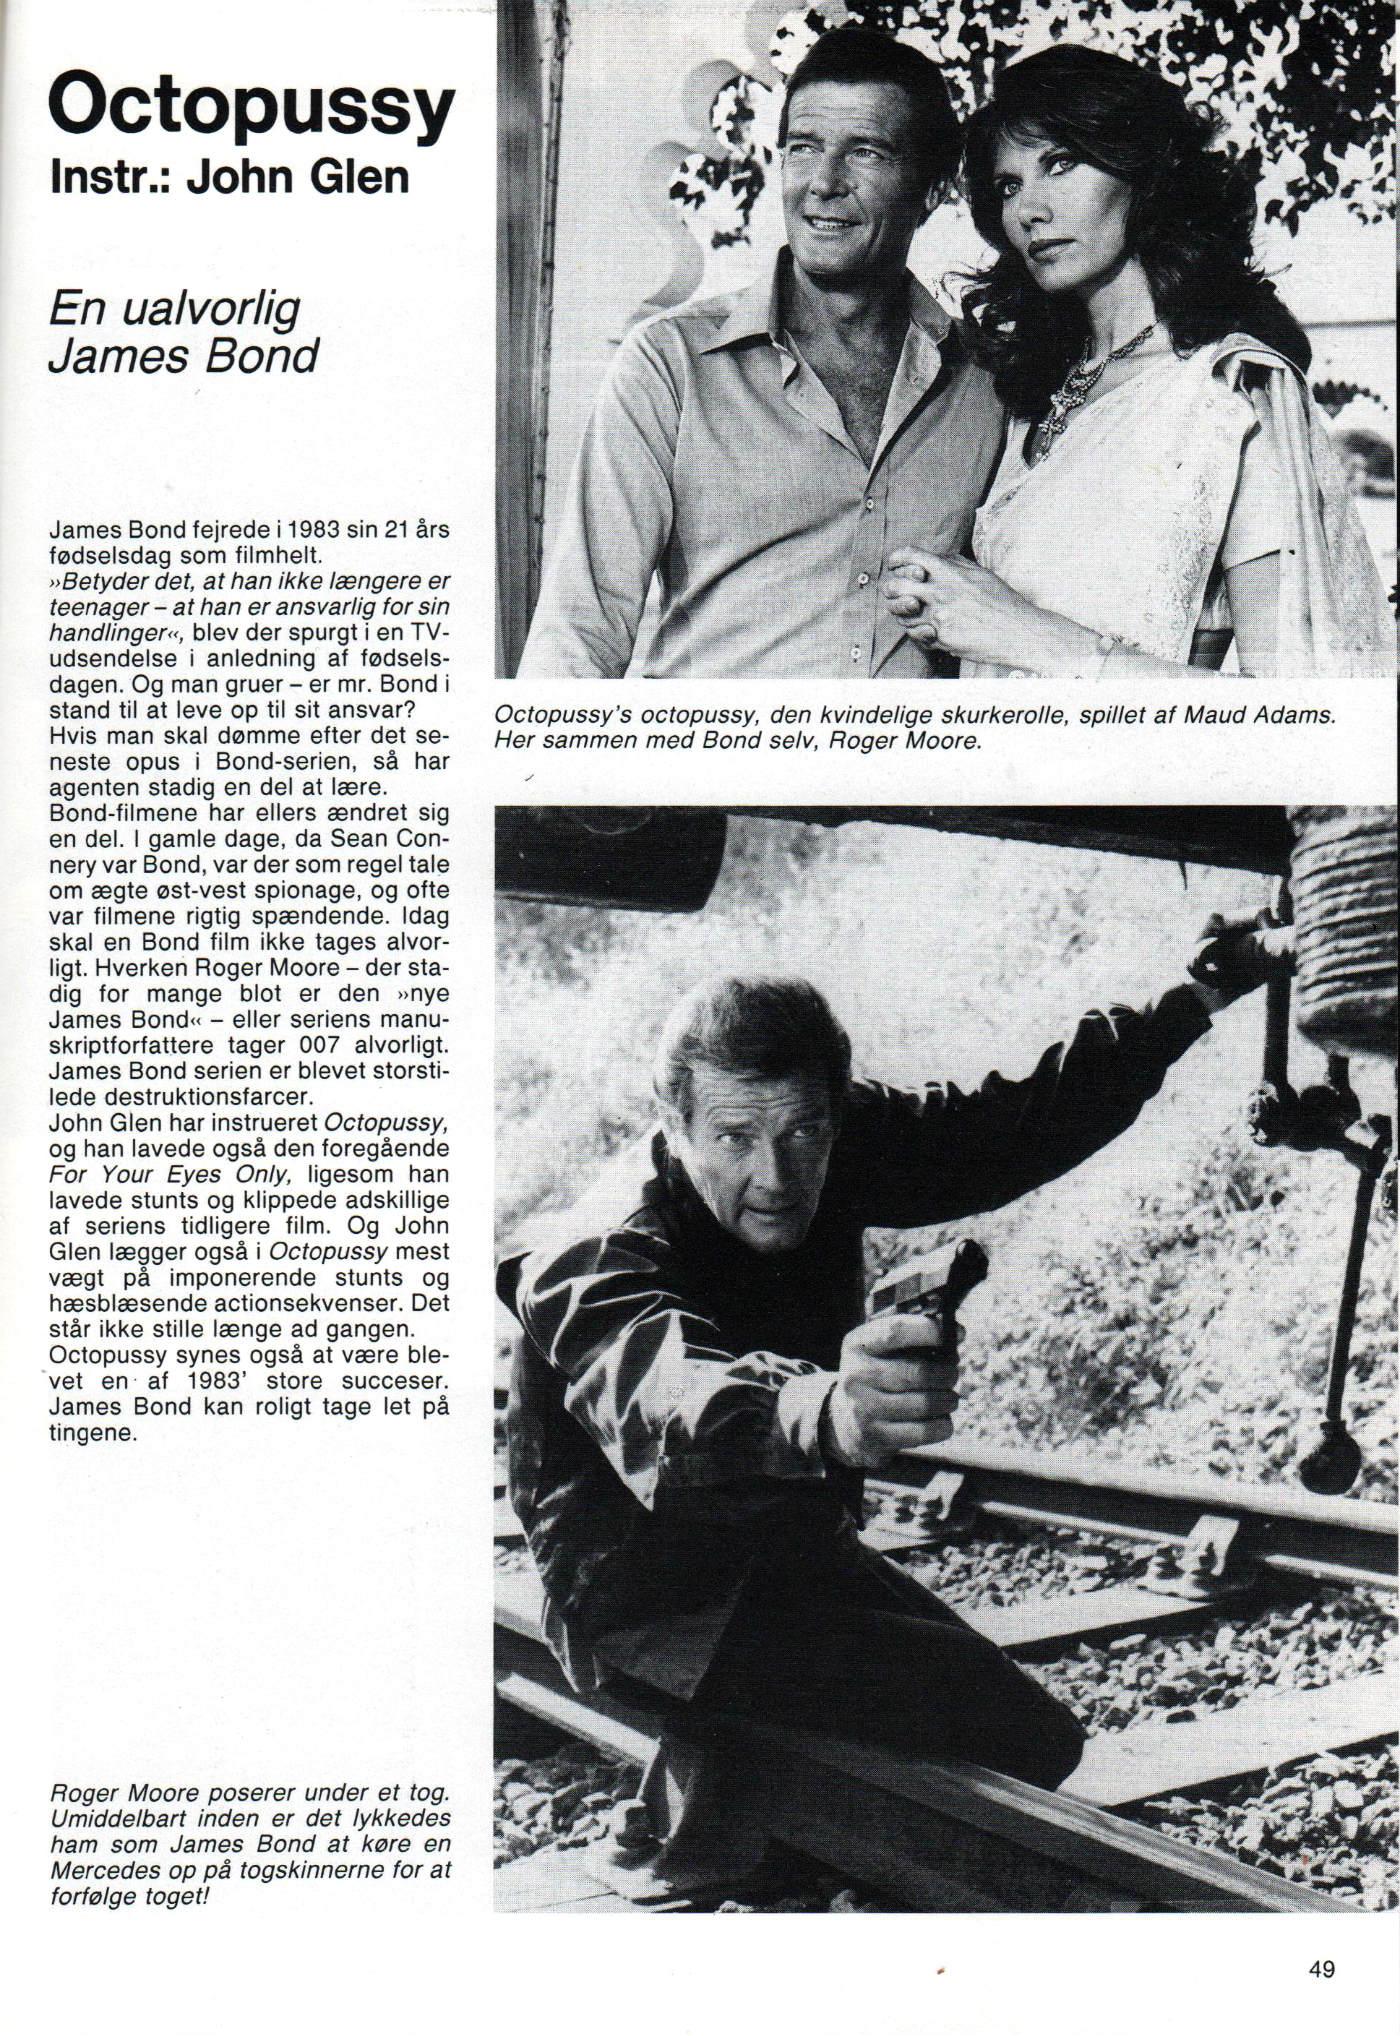 Octopussy i Filmårbogen 1983